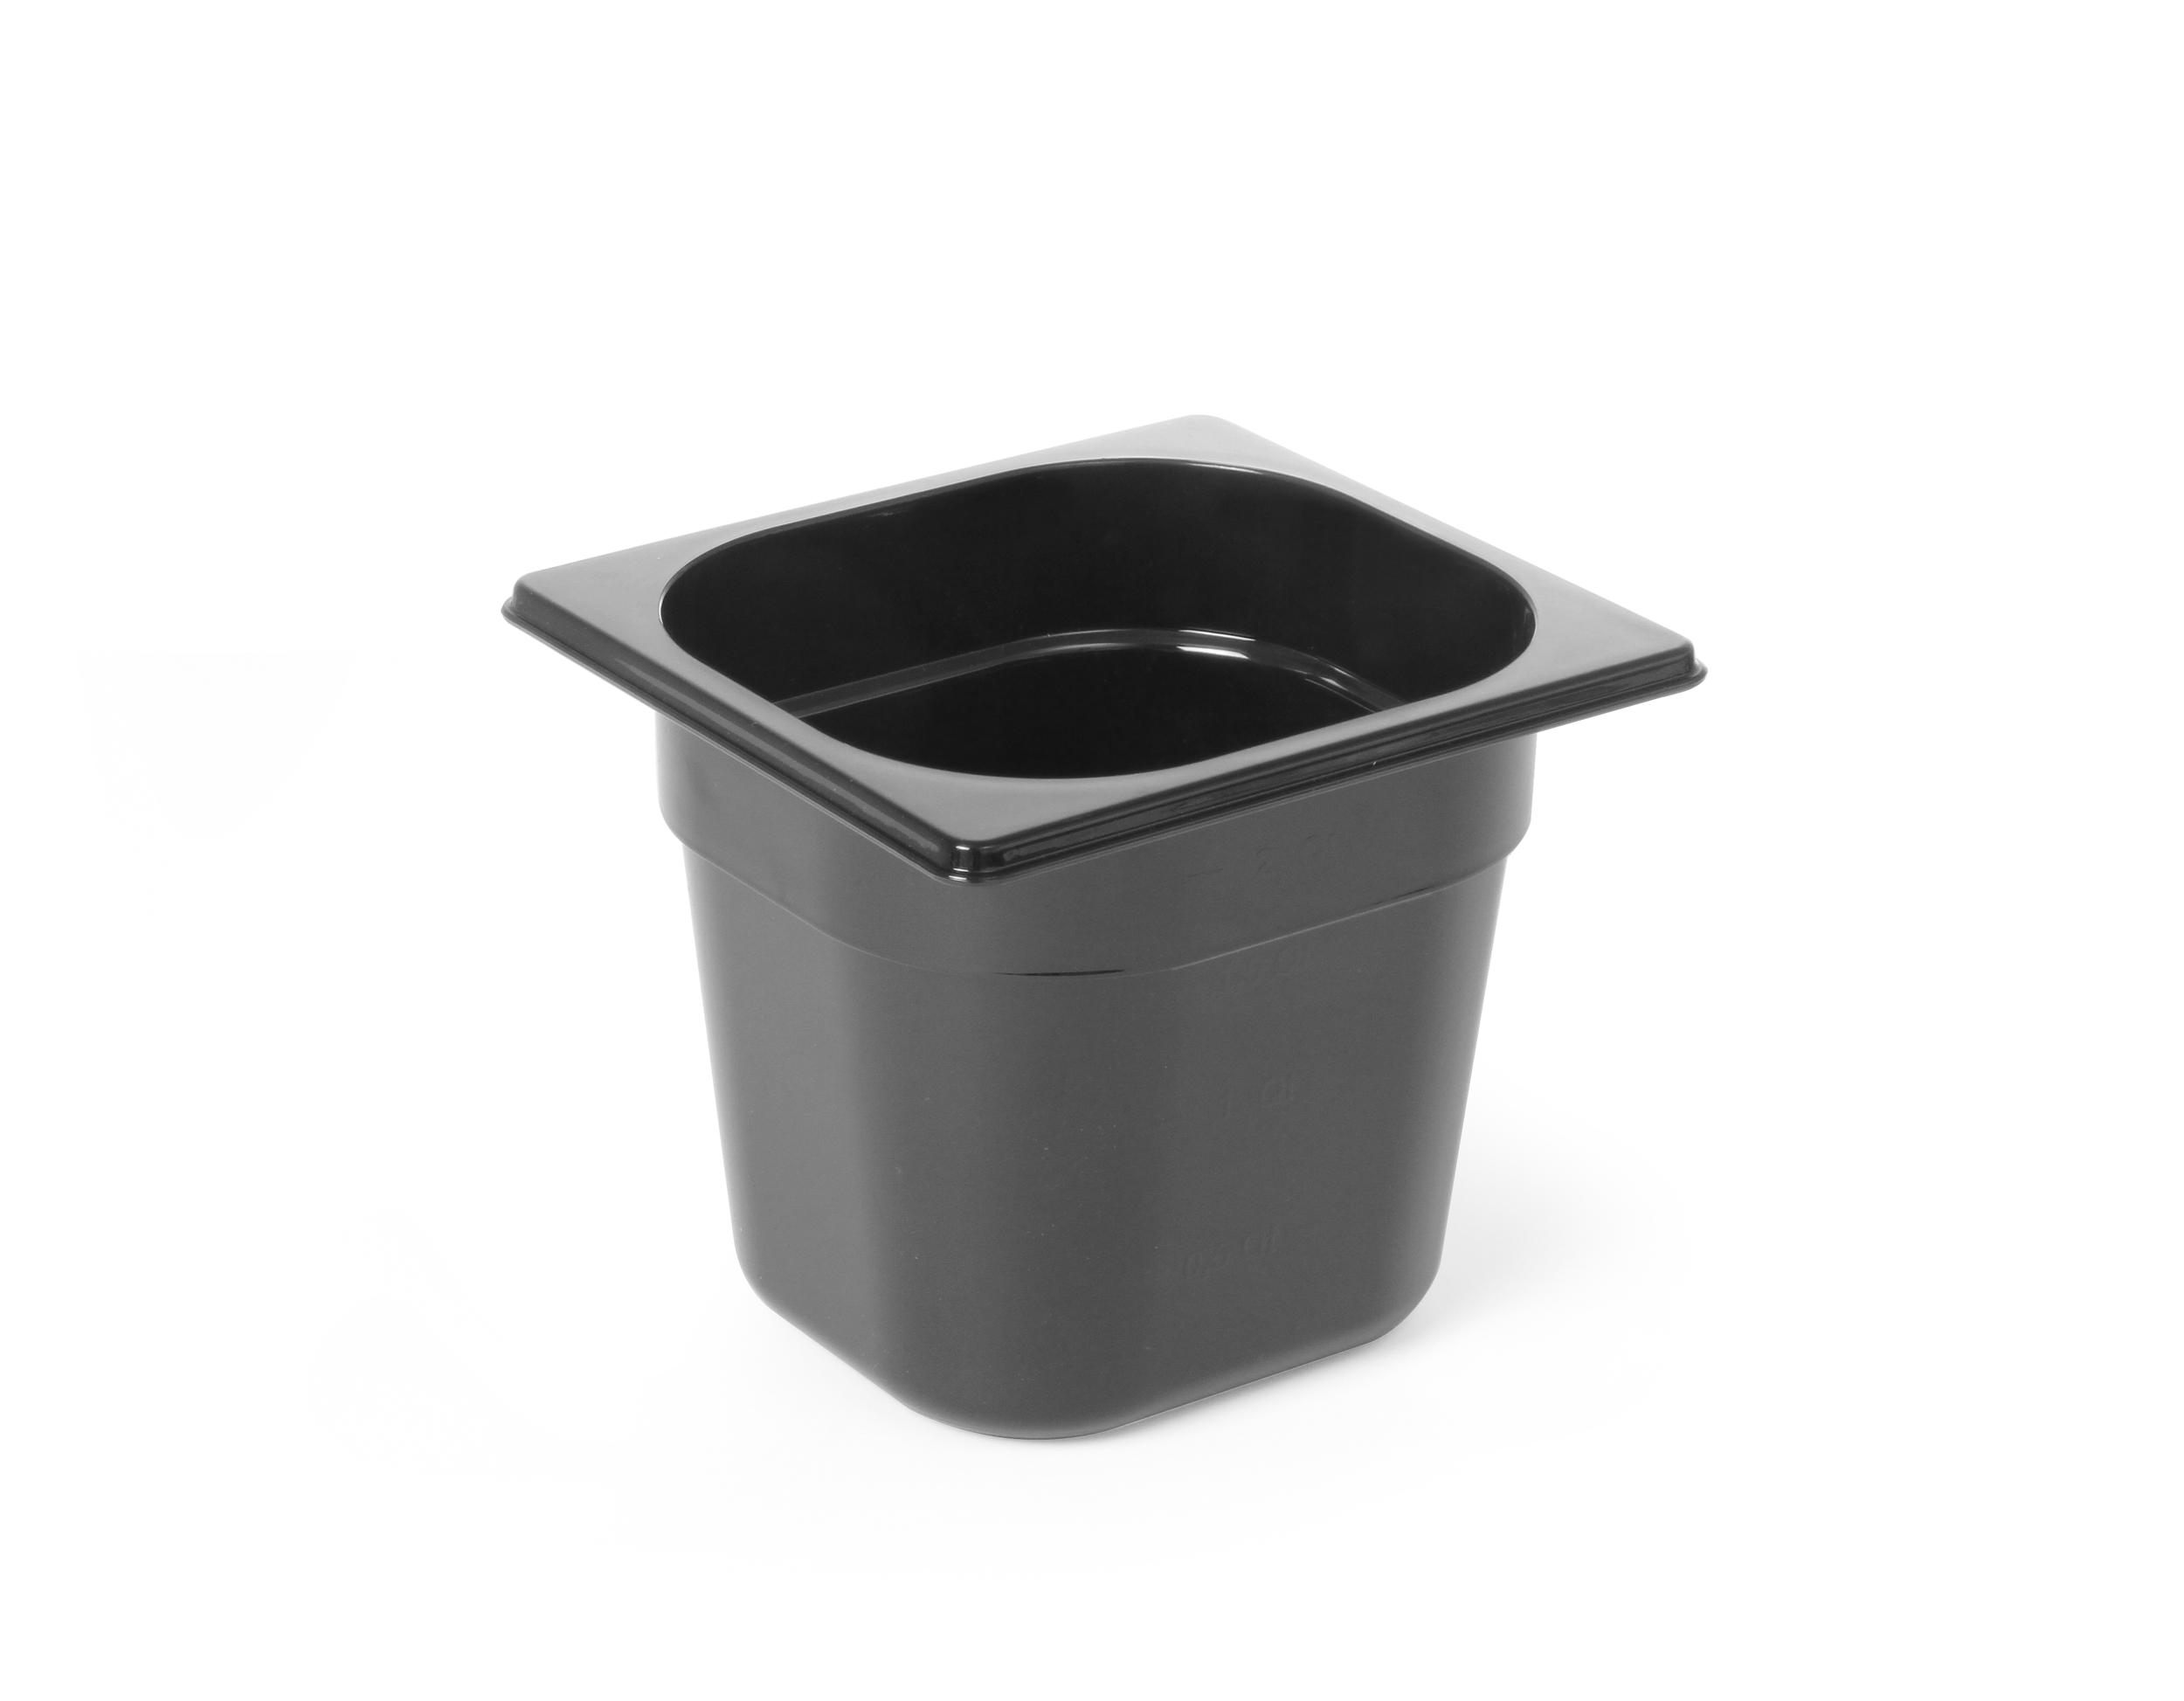 Polycarbonate noir un sixième 65mm gn 1/6